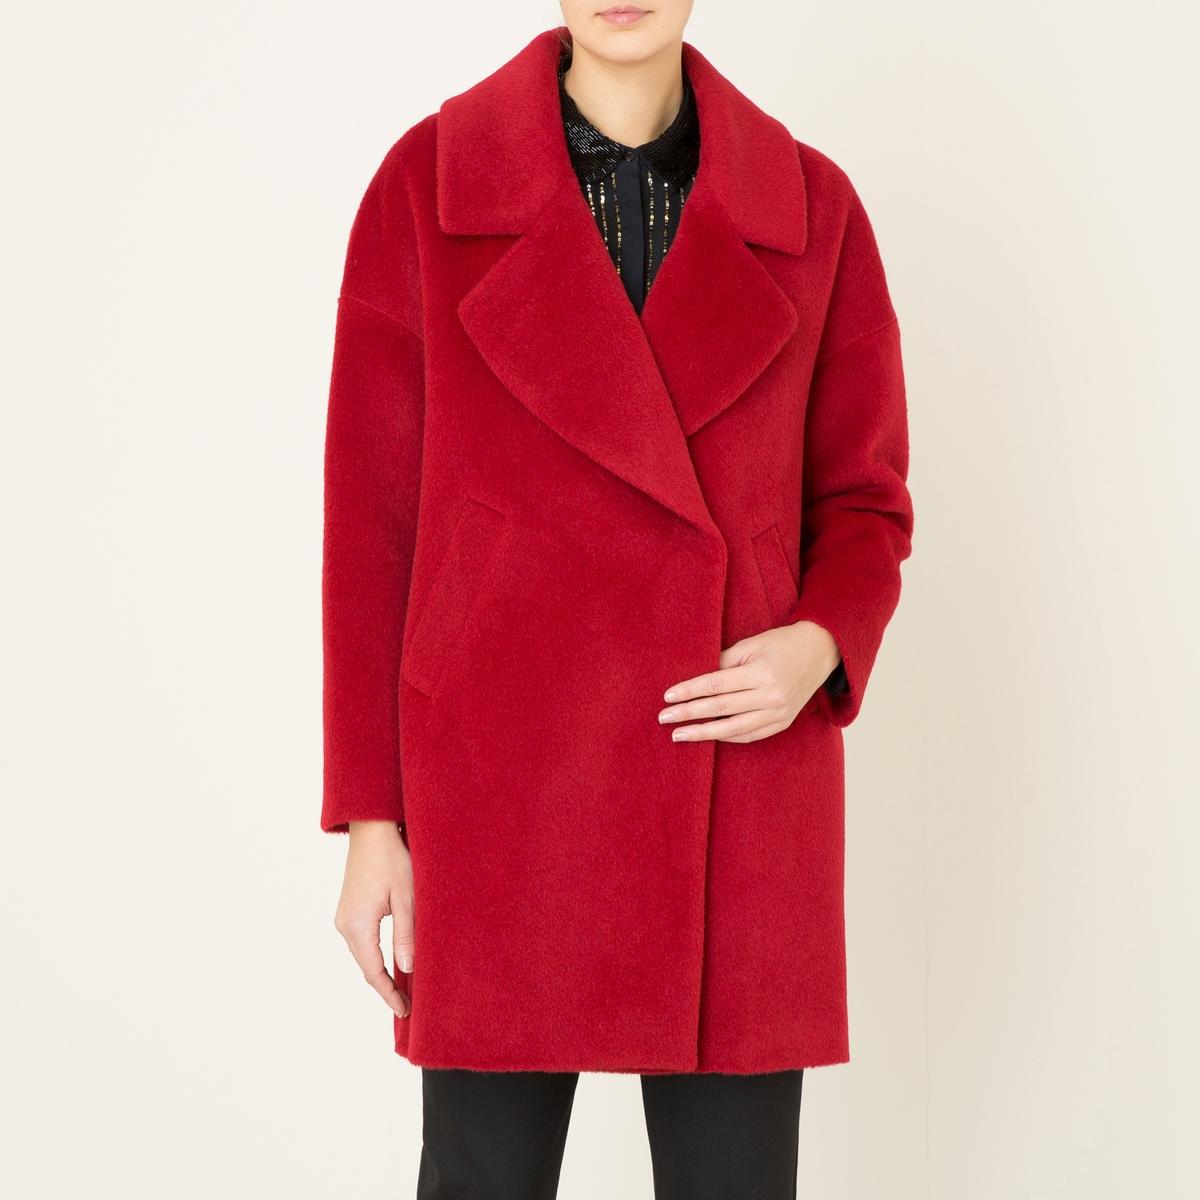 Пальто покроя оверсайзСостав и описание    Материал : 42% шерсти, 25% мохера, 25% альпаки, 8% полиамида   Подкладка    : 100% ацетат   Длина : посередине сзади 90 см. (для размера 36)   Марка : LA BRAND BOUTIQUE<br><br>Цвет: красный